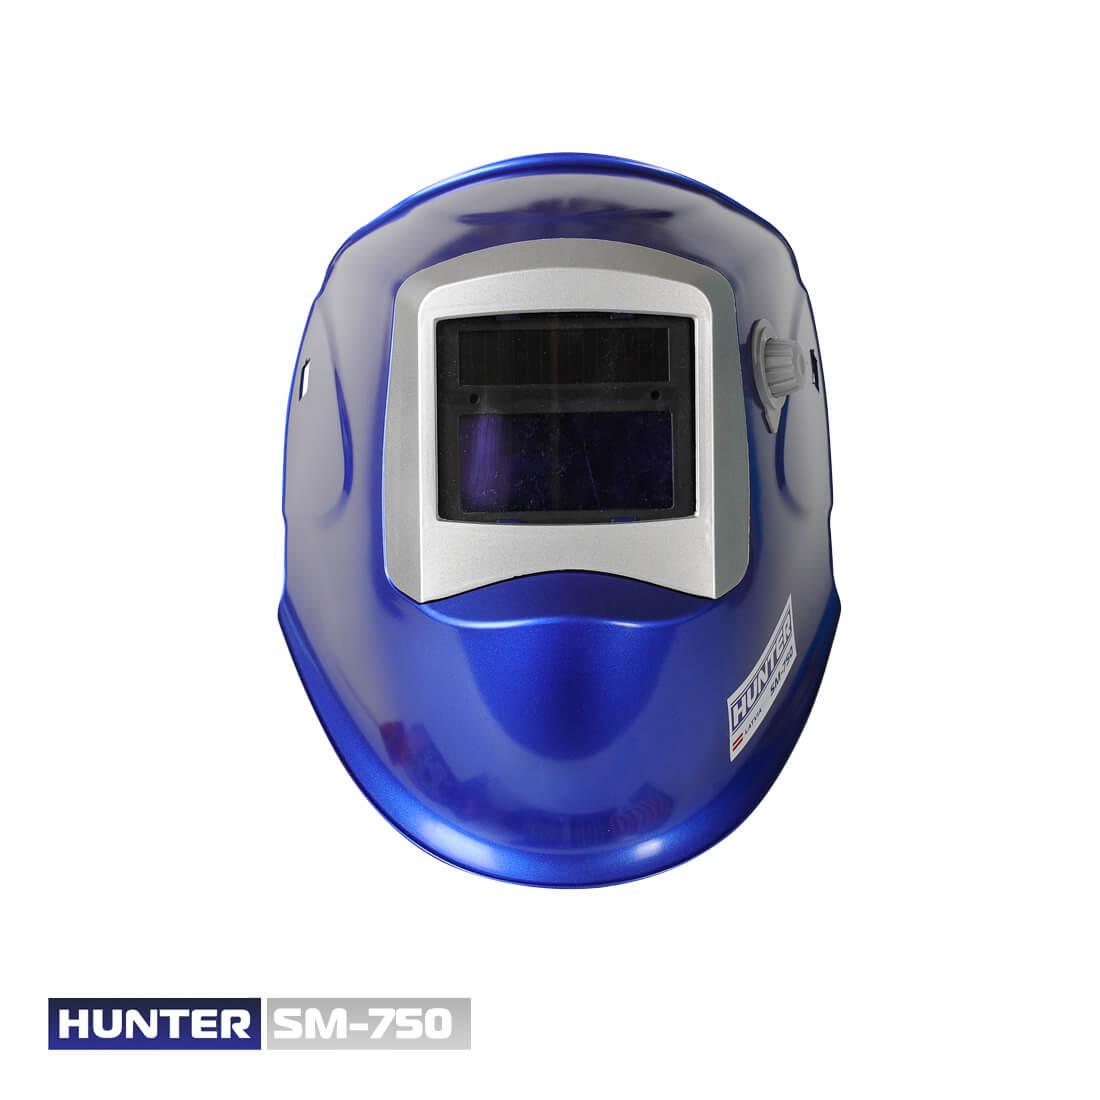 Фото SM-750 цена 950грн №2 — Hunter